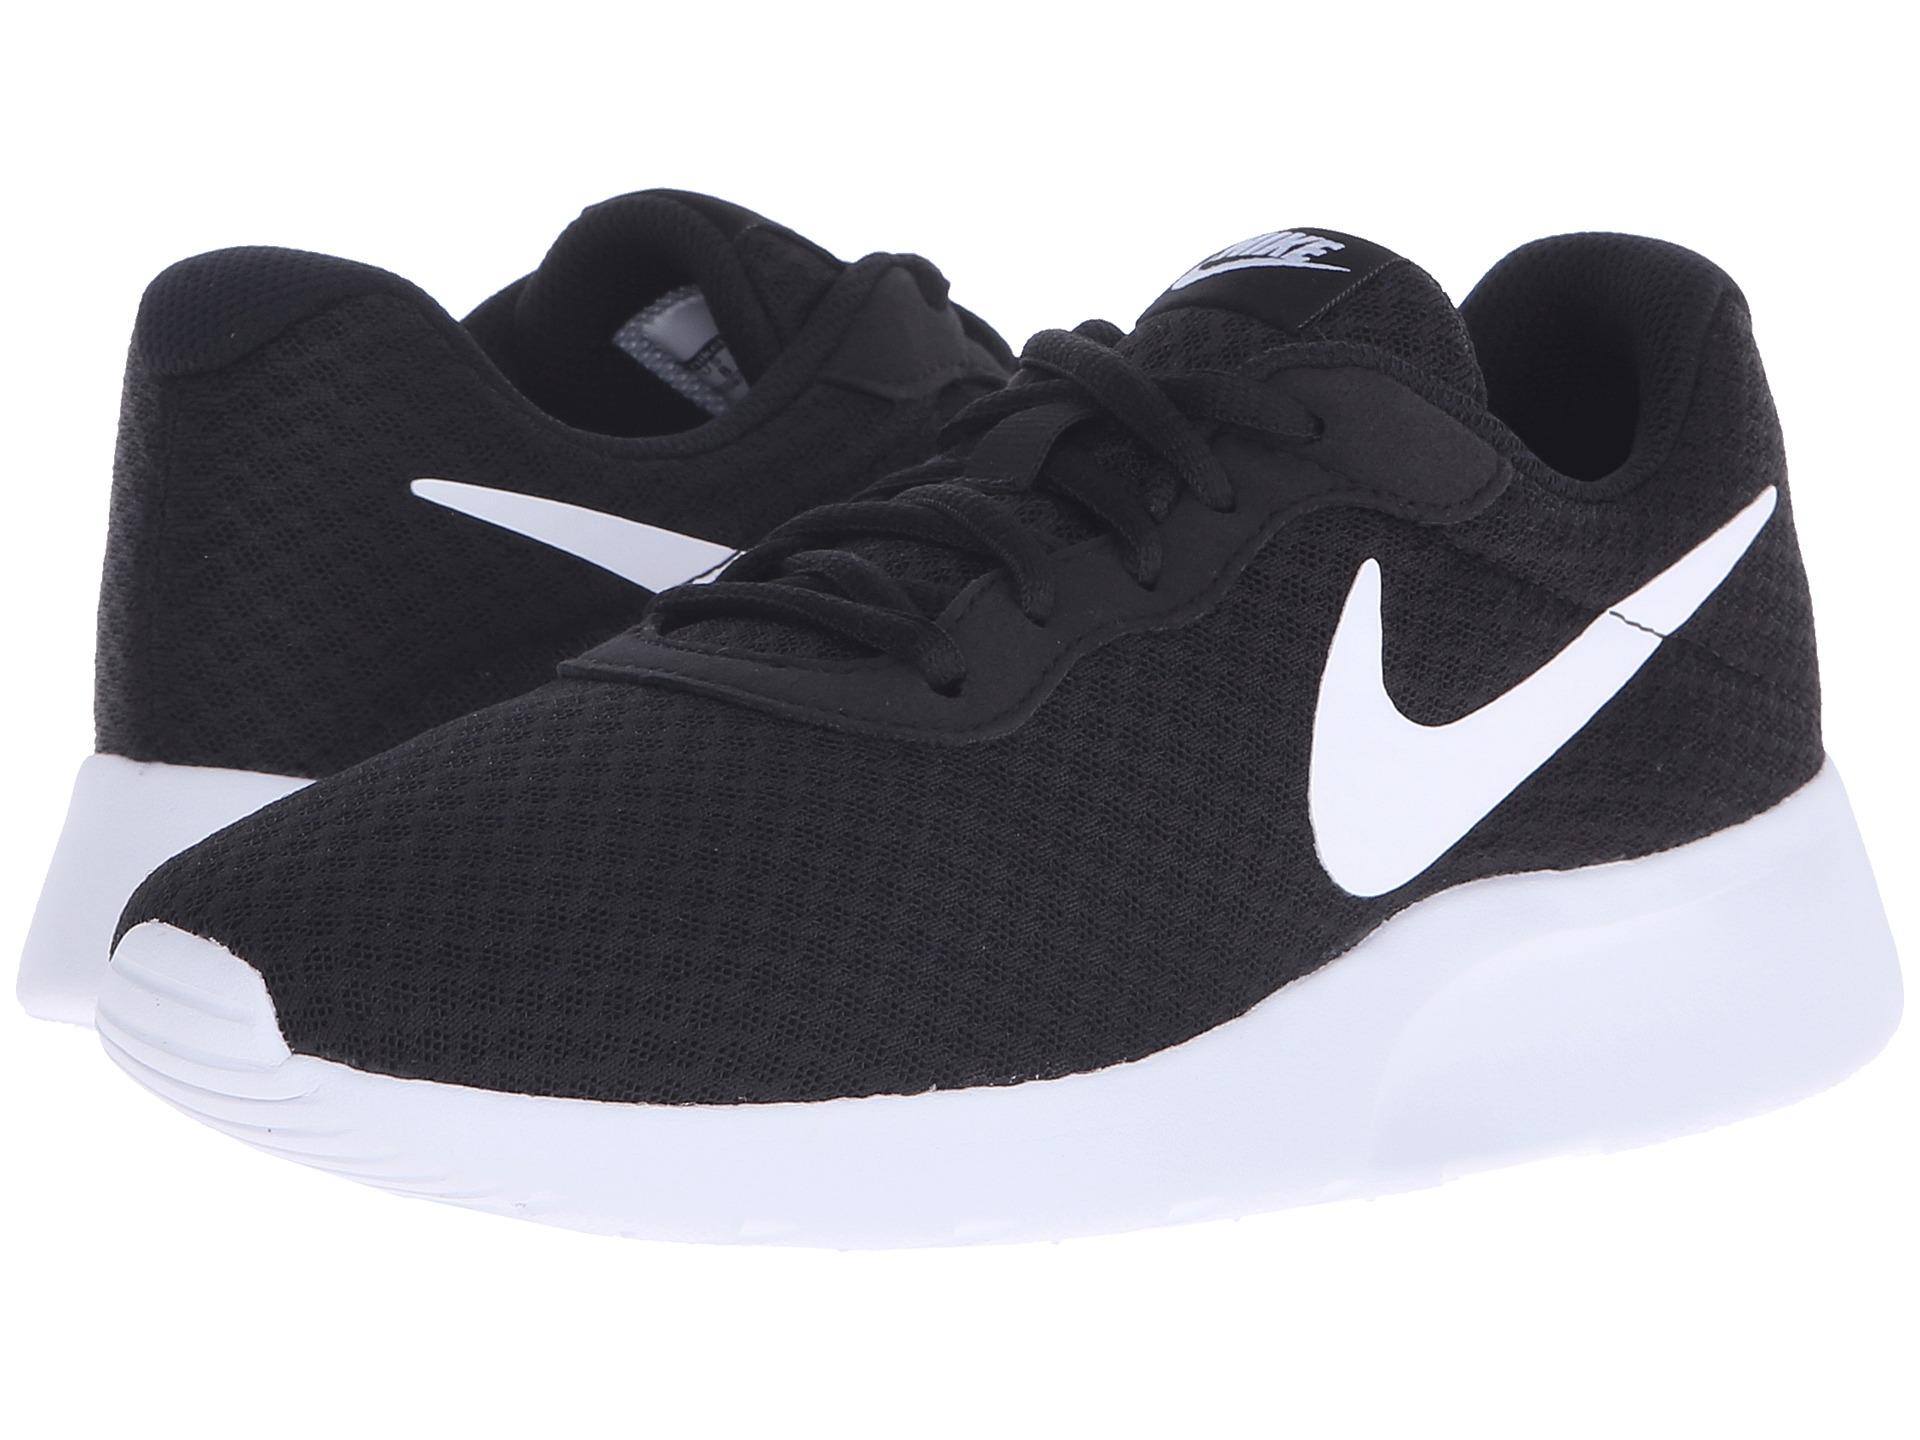 Is The Nike Tanjun A Good Shoe